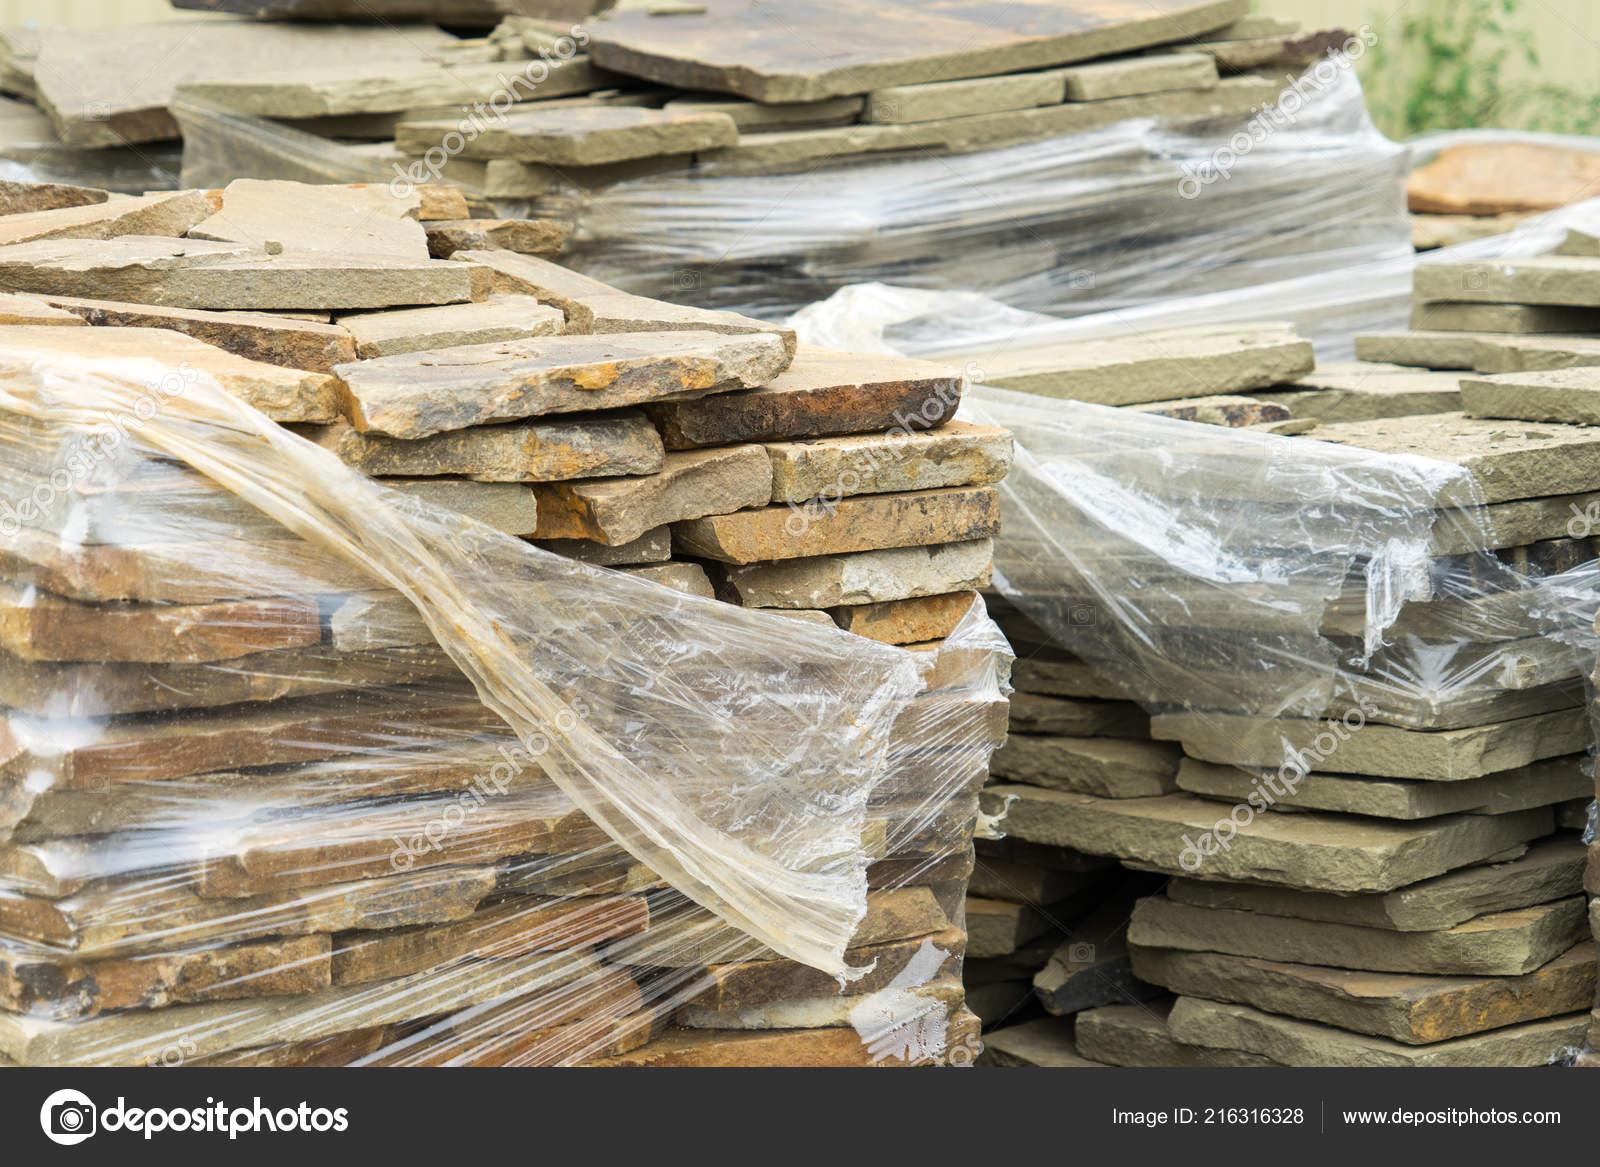 a20b49c7025f Πώληση Από Φυσική Πέτρα Για Την Επένδυση Και Την Κατασκευή — Φωτογραφία  Αρχείου